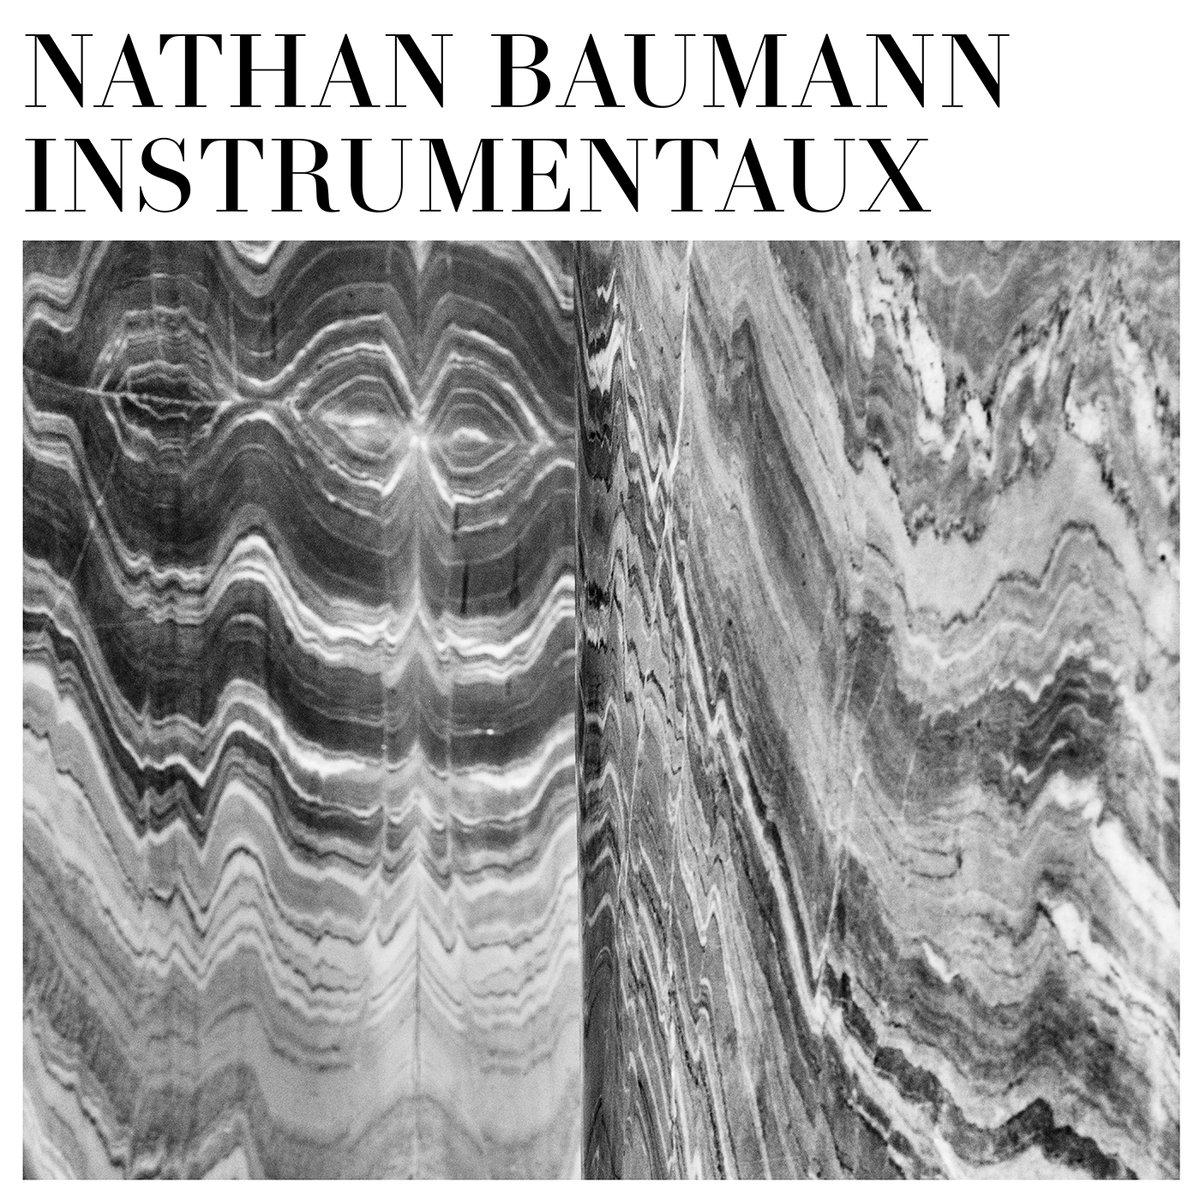 Nathan Baumann